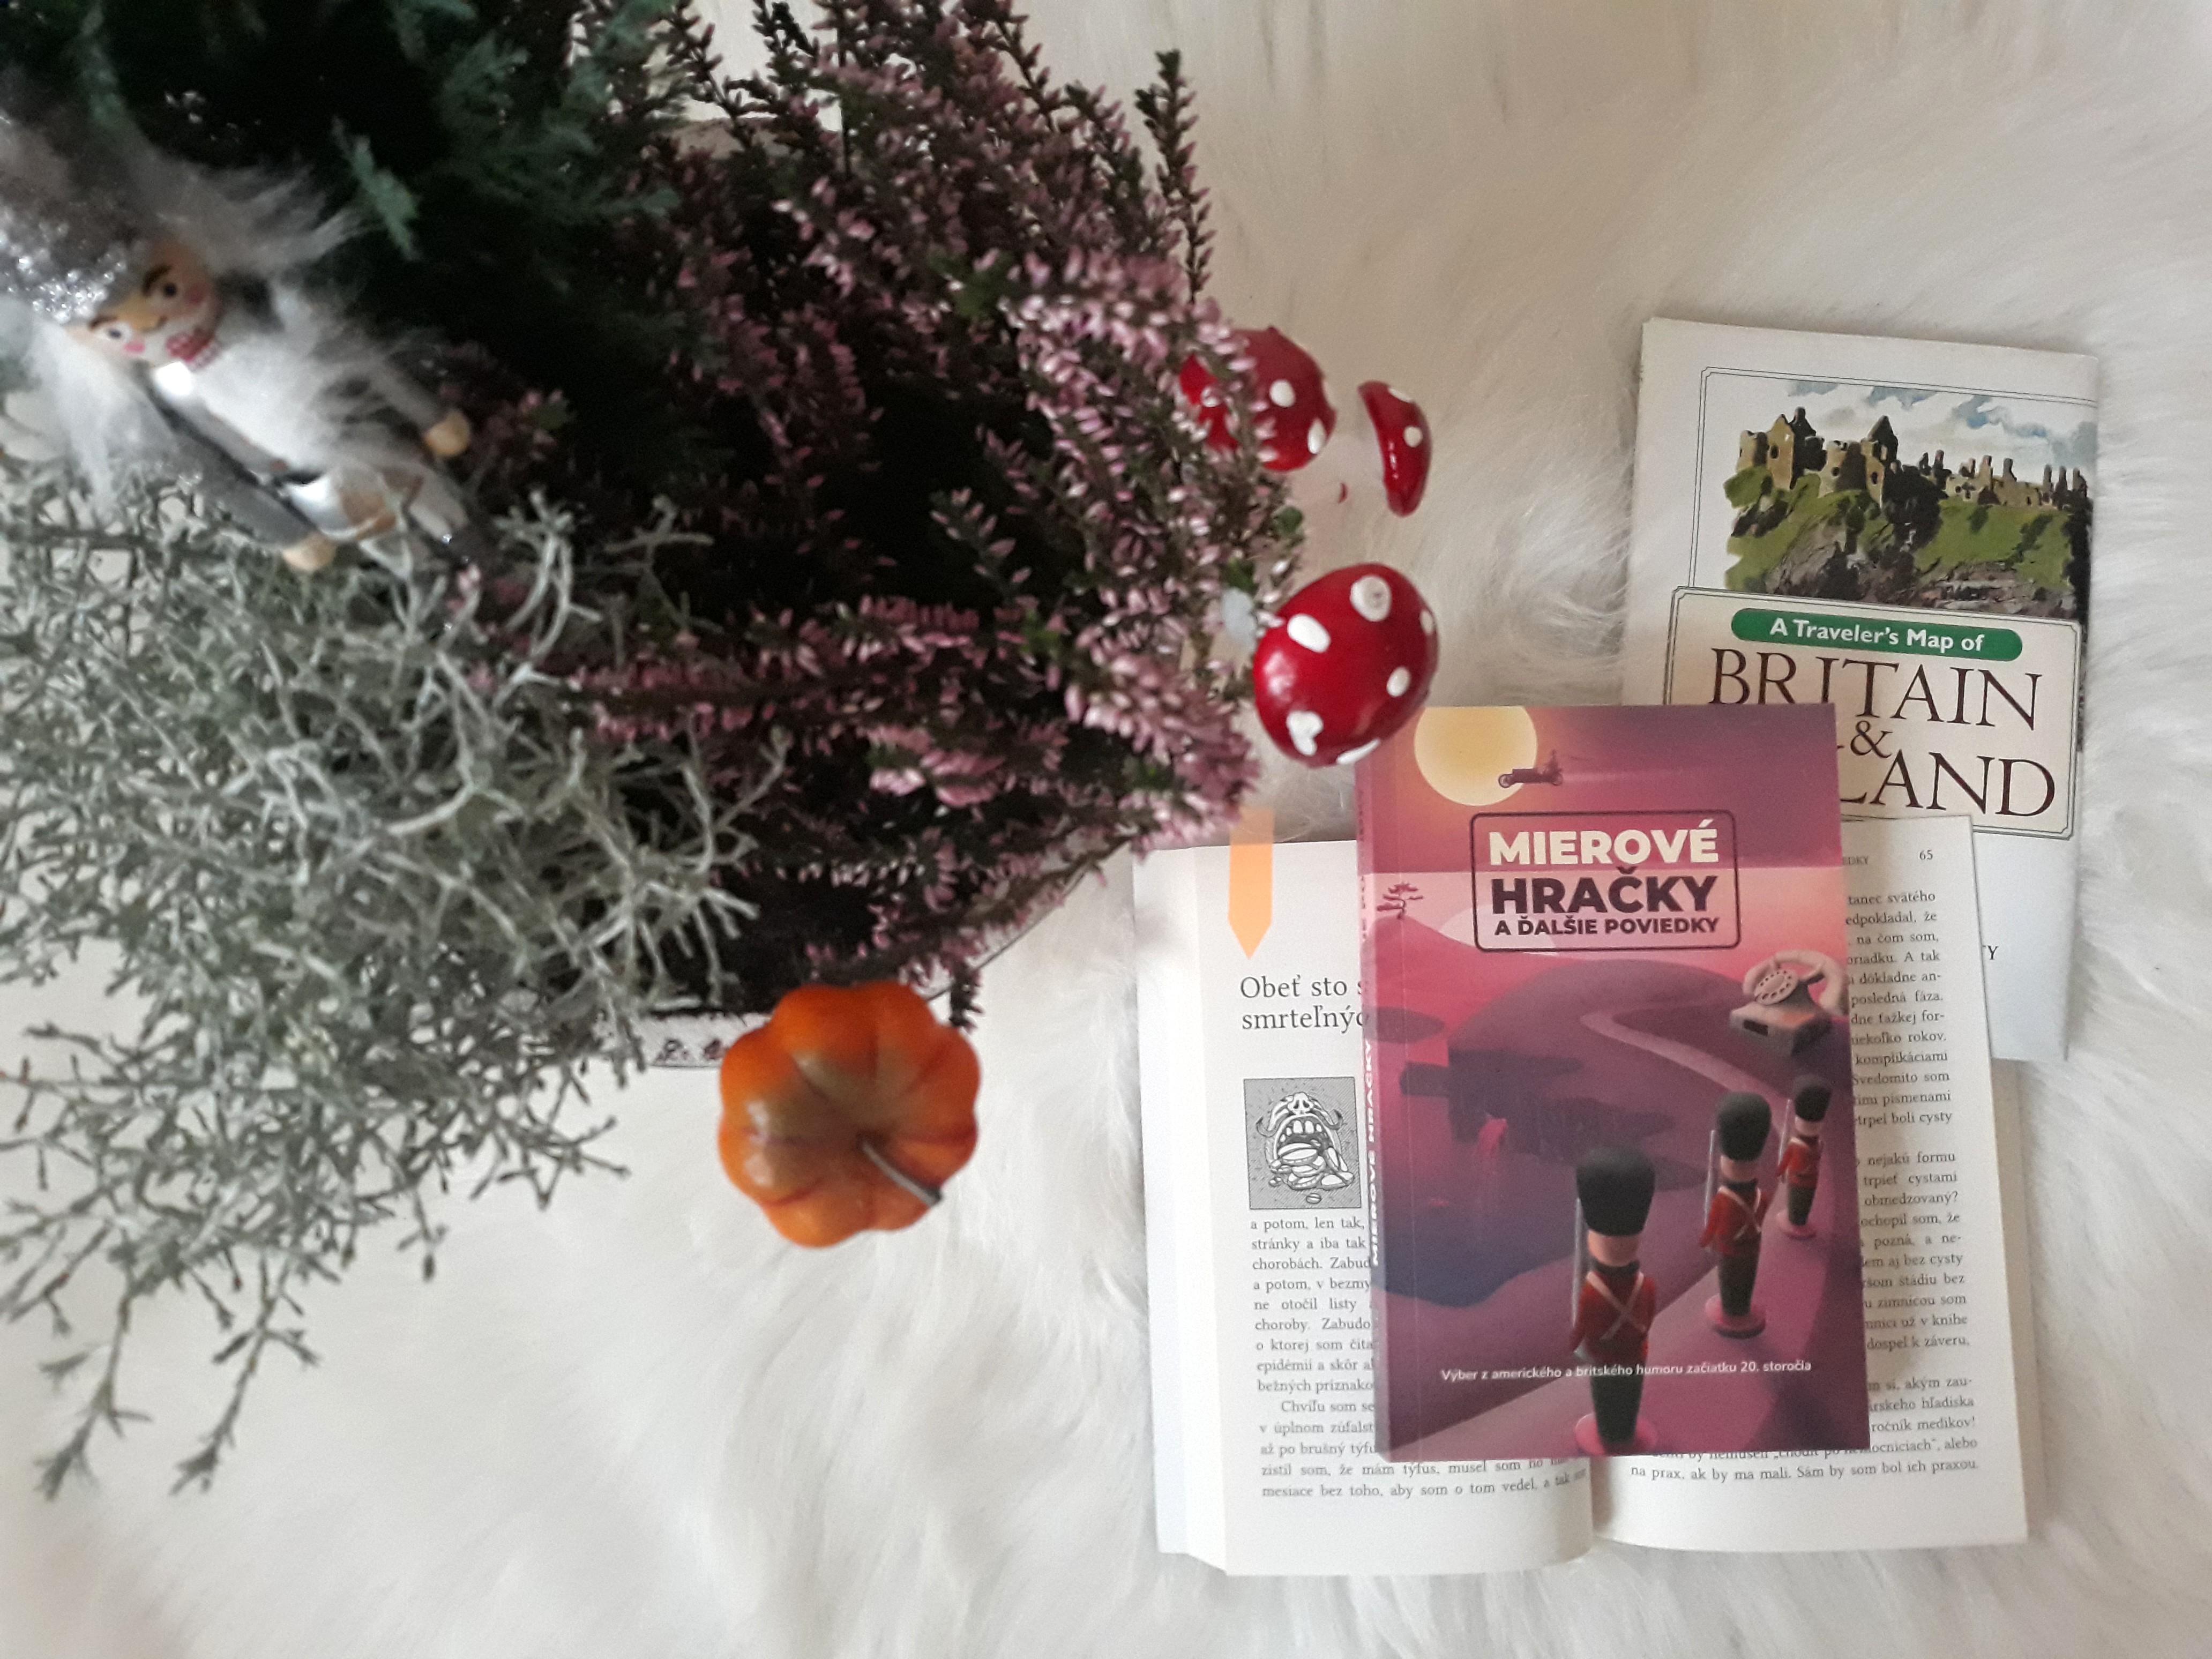 mierové hračky a ďalšie poviedky